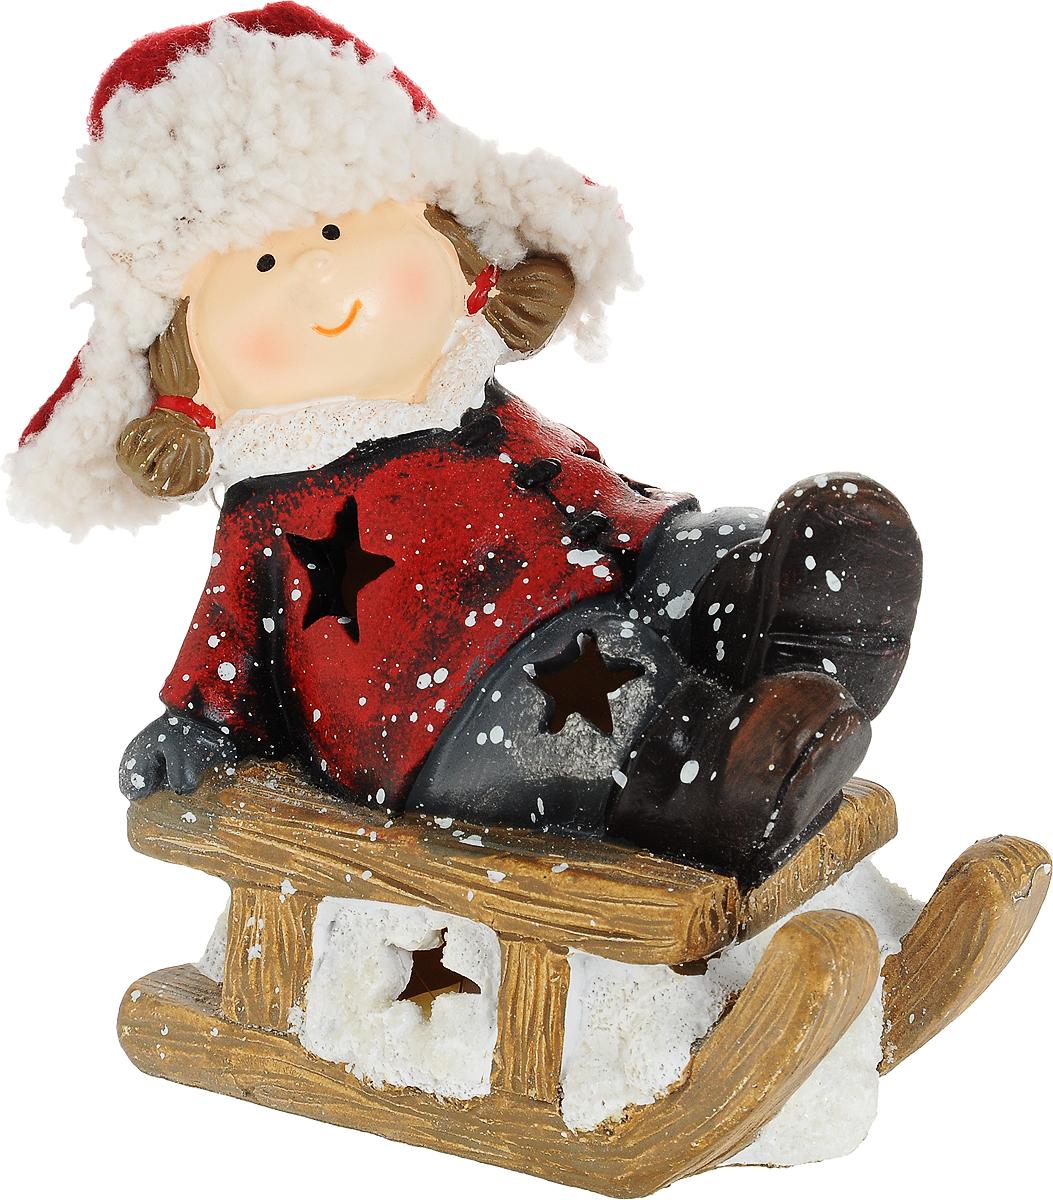 Фигурка декоративная Зимние забавы, с подсветкой, 14 х 7 х 14 см175250Фигурка декоративная Зимние забавы, выполненная из доломита и полиэстера в виде девочки на санках, оснащена светодиодной подсветкой, имитирующей теплый свет свечи. Вы можете поставить фигурку в любом месте, где она будет удачно смотреться, и радовать глаз. Кроме того, новогоднее украшение- отличный вариант подарка для ваших близких и друзей. Работает от одной батарейки CR2032 (входит в комплект).